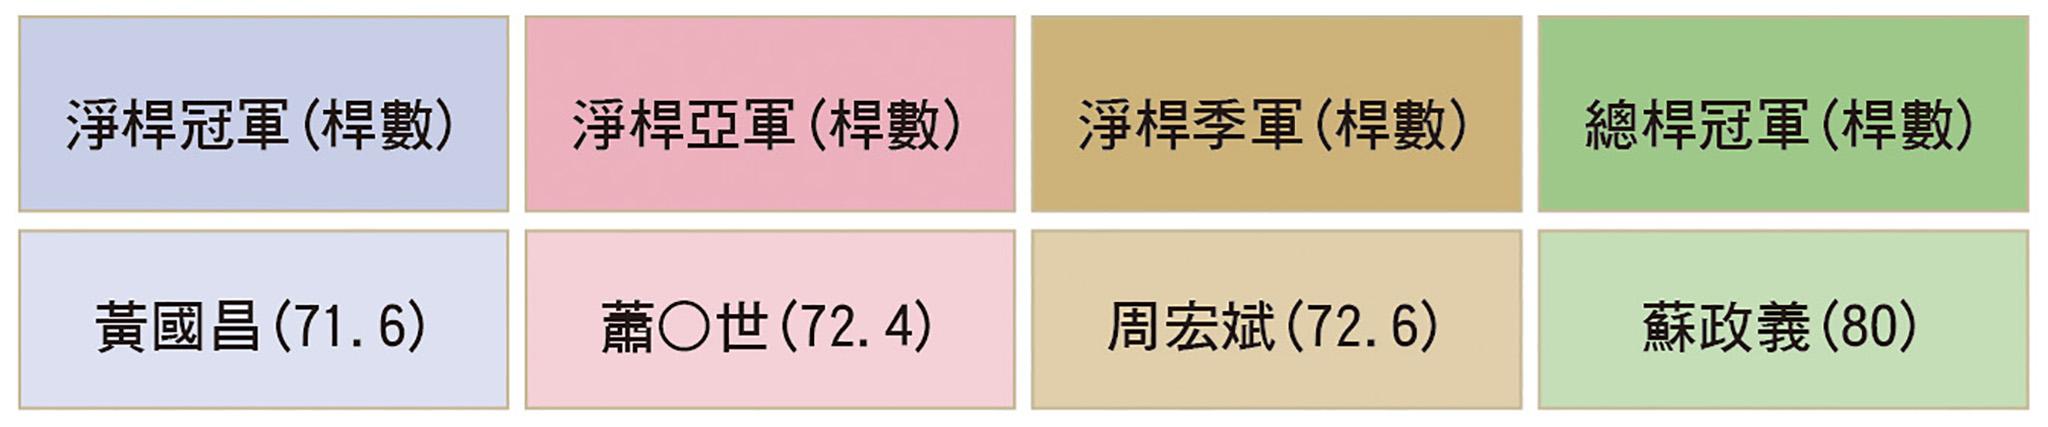 淨桿冠軍由黃國昌(71.6桿)奪得、亞軍為蕭○世(72.4桿)、季軍為周宏斌(72.6桿),總桿冠軍為蘇政義(80桿)。